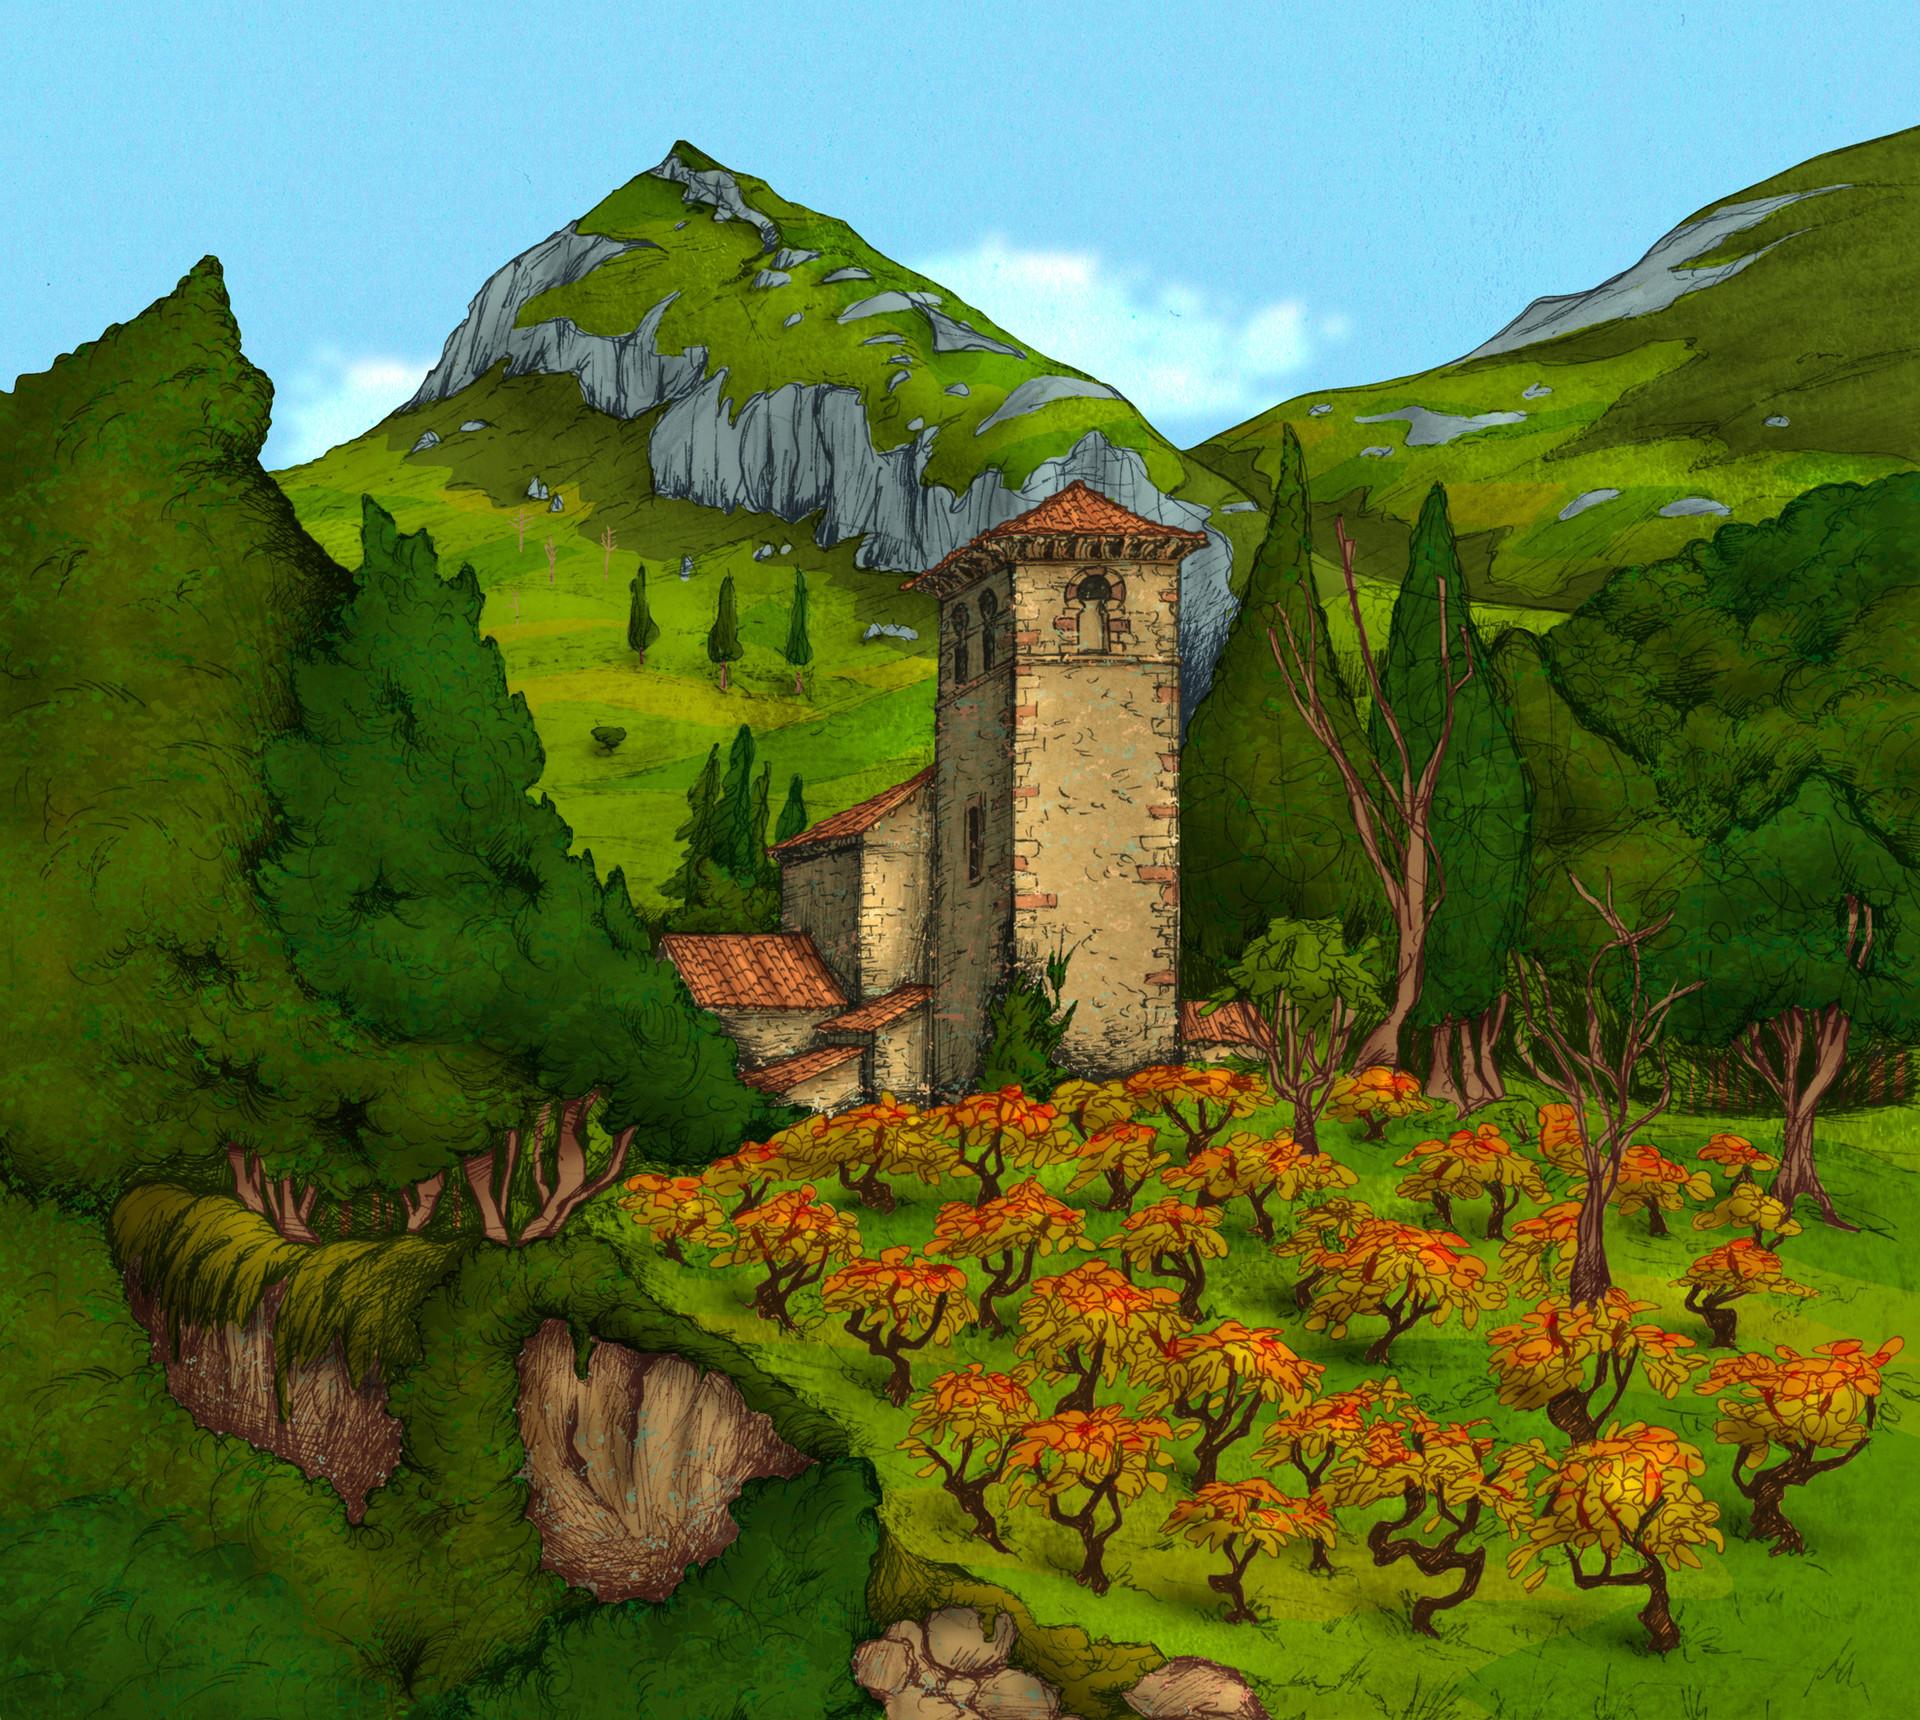 Autogiro illustration studio church in village